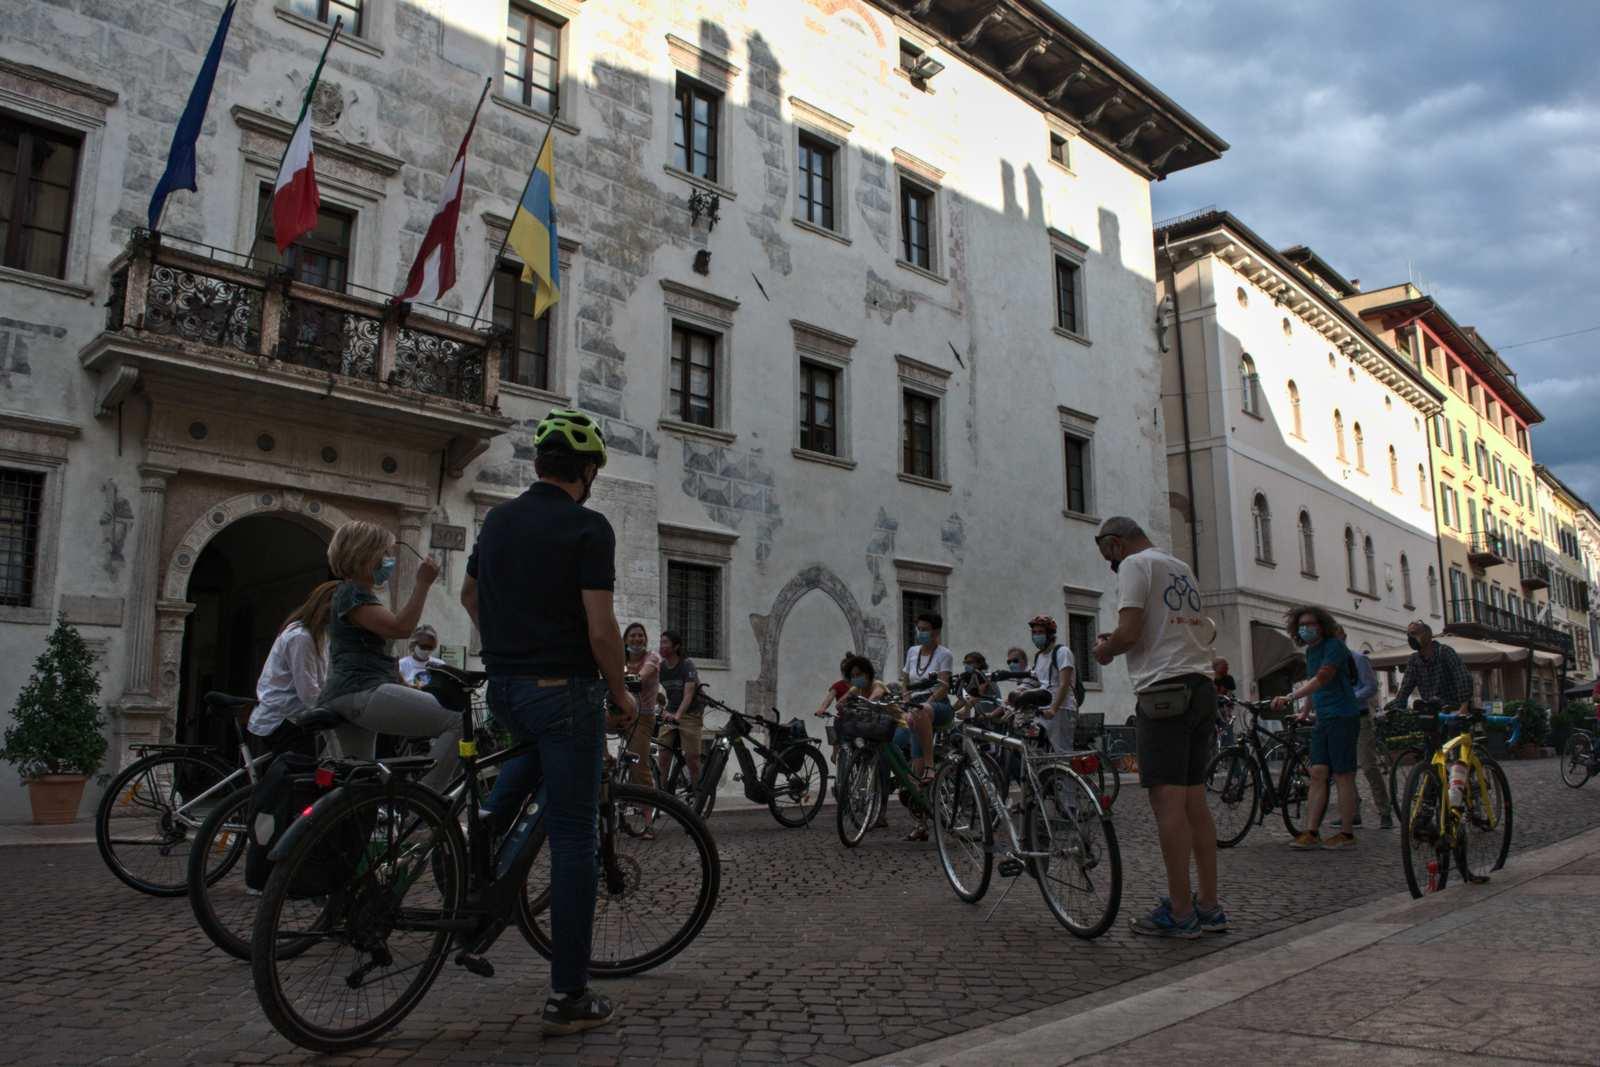 La Critical Mass del 29 maggio a Trento termina sotto il comune